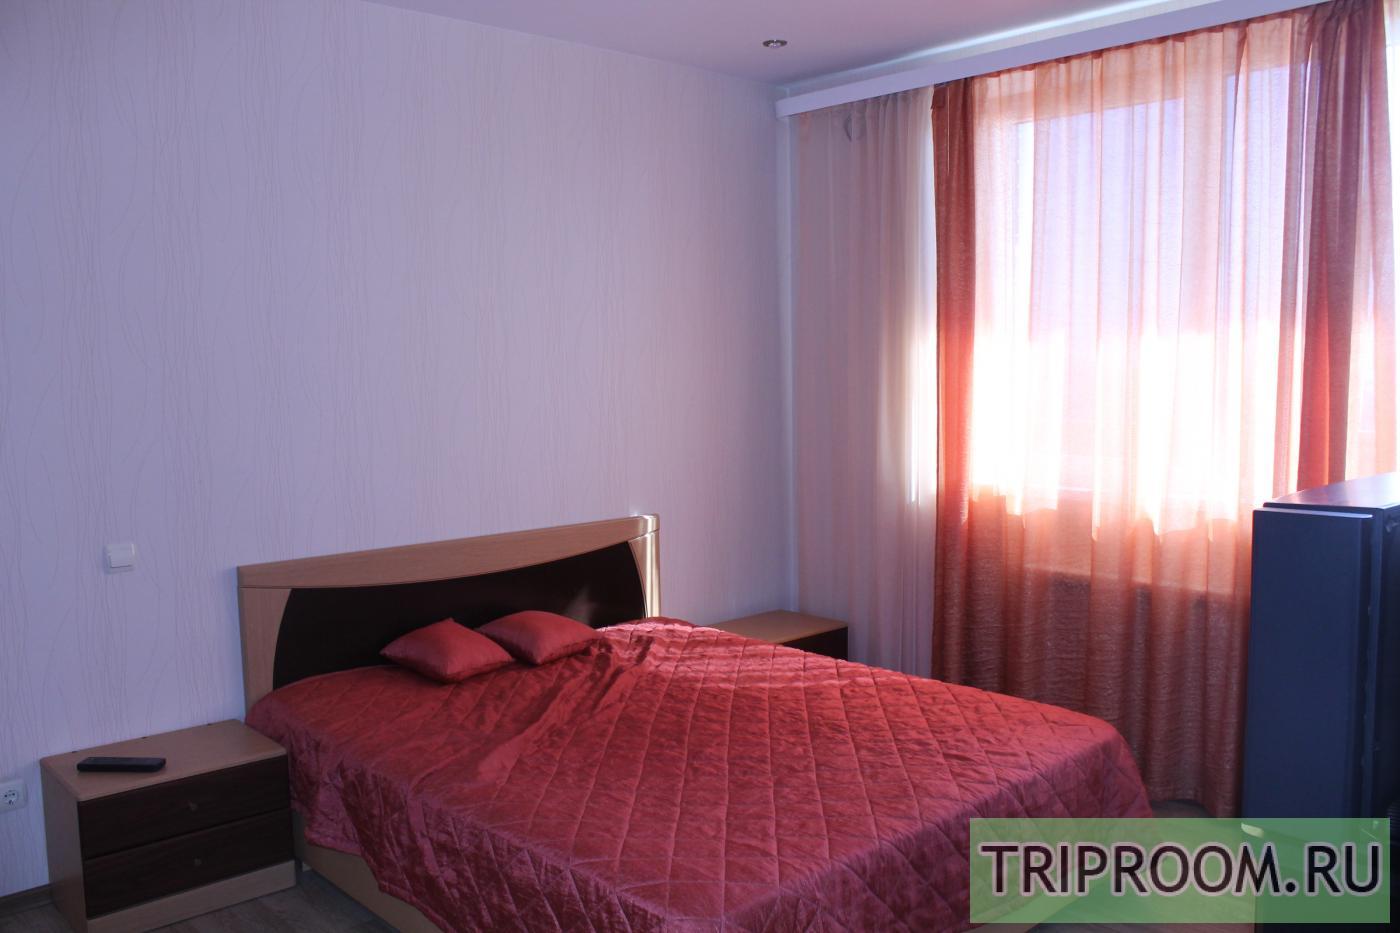 3-комнатная квартира посуточно (вариант № 8212), ул. новоросийская улица, фото № 5